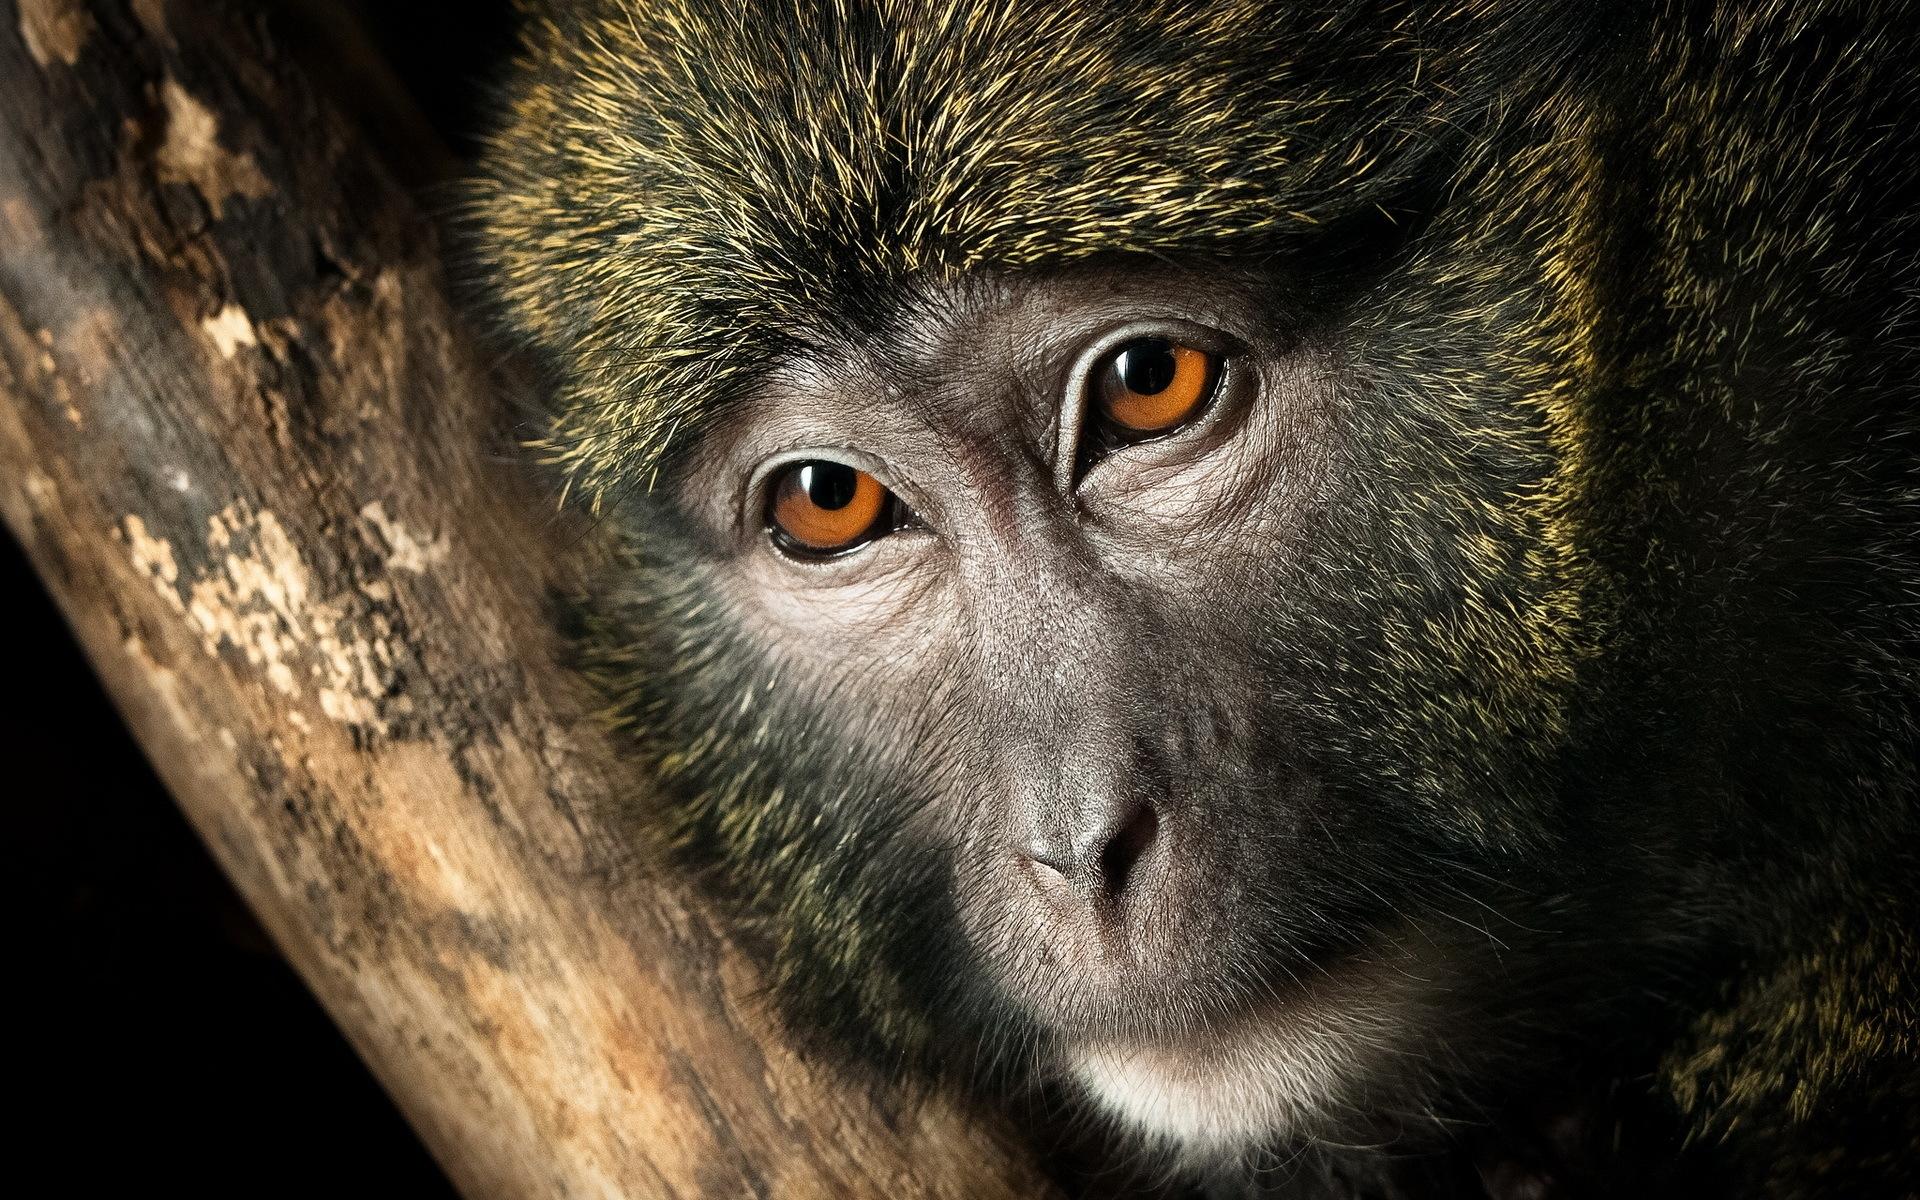 картинки с мордами обезьяны лотоса покрыты